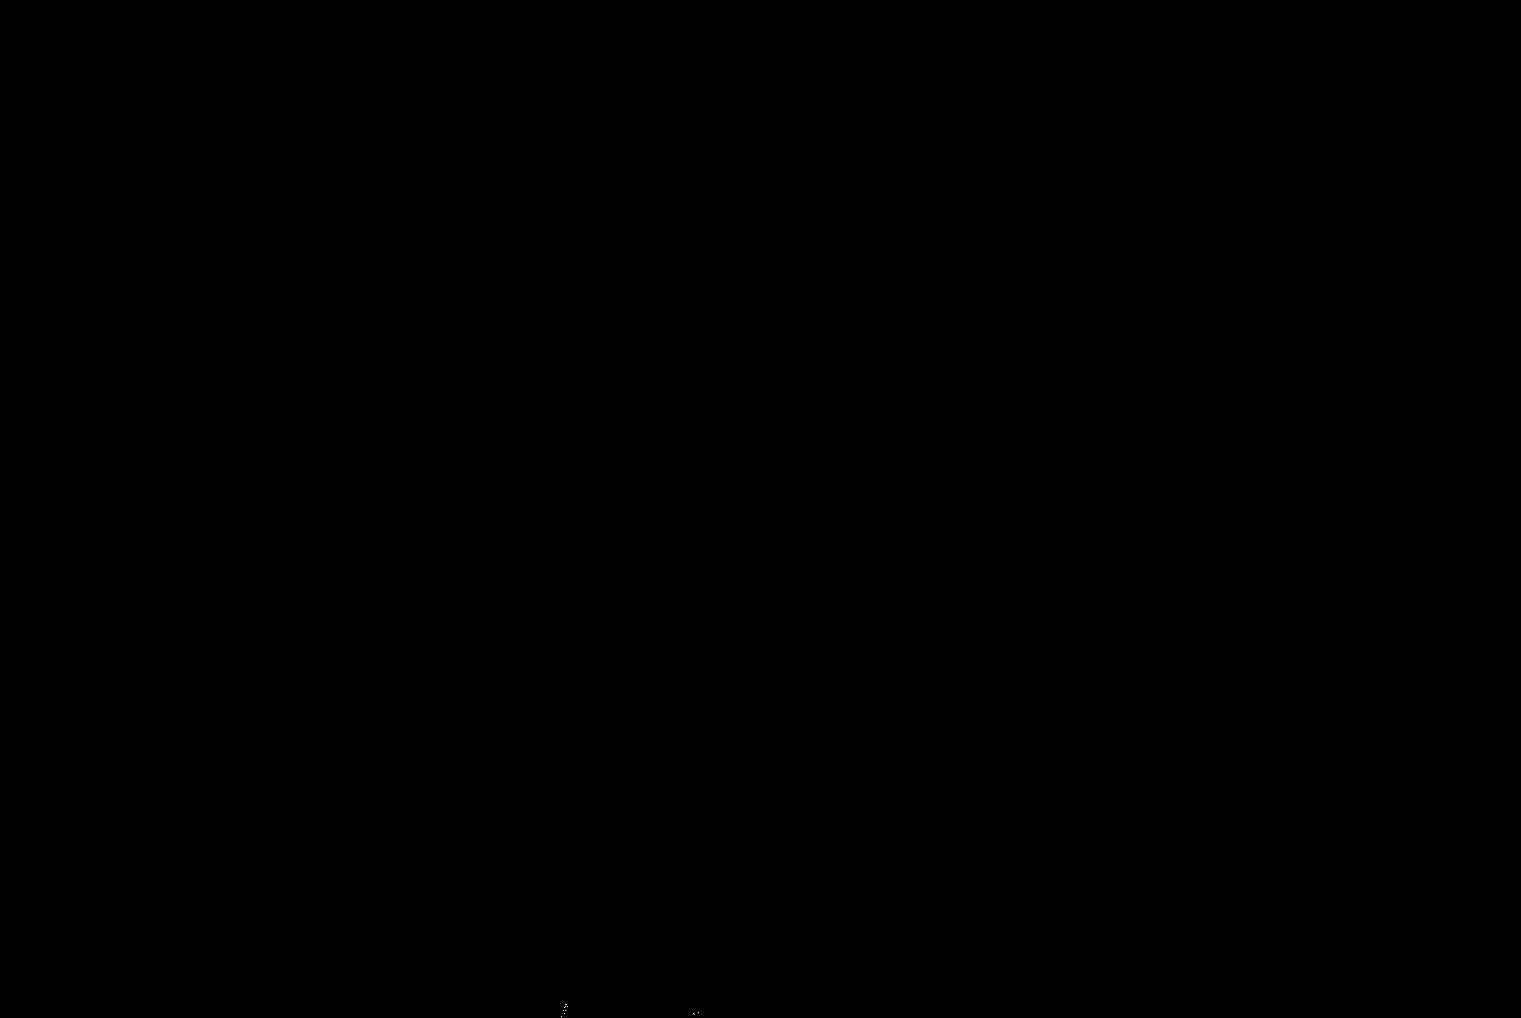 【东莞特惠】上万只风铃惊艳亮相!38元限时抢购水云山谷亲子农场特惠票(大小同价)~一票通玩~七彩滑草+射箭+磨豆浆+抓鱼+欢乐蹦床+腾龙秋千等~清明五一必打卡!